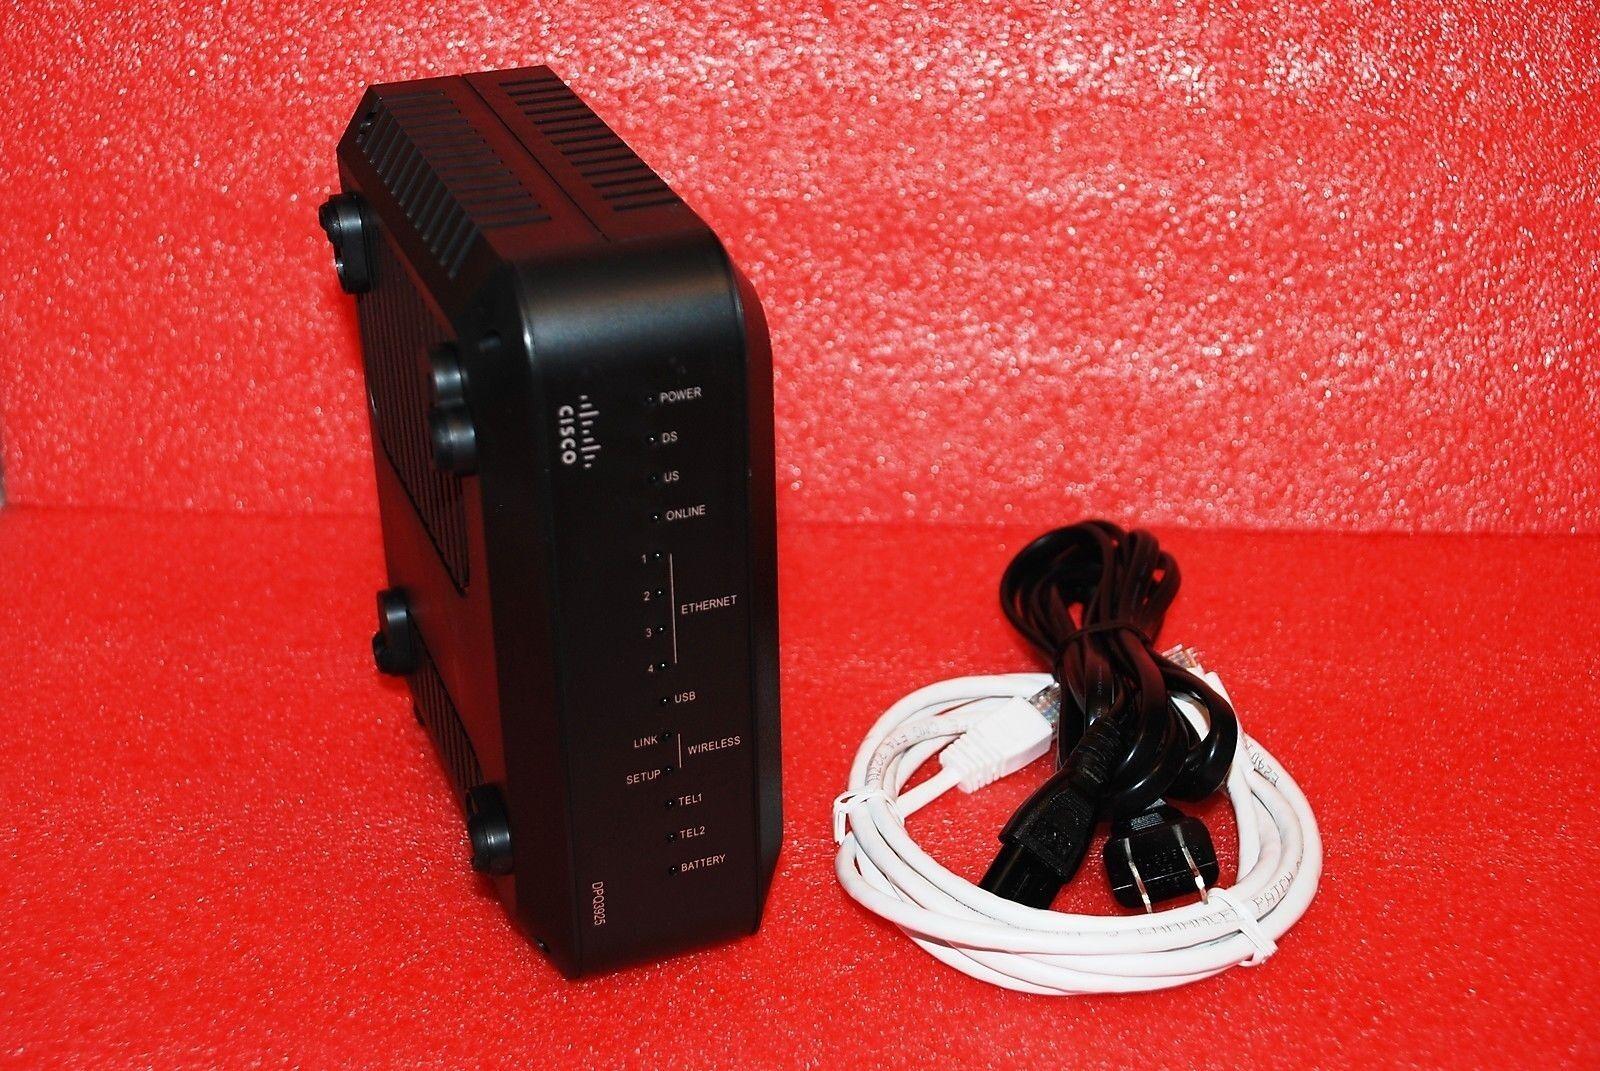 Super Cisco DPQ3925 DOCSIS 3.0 Gateway Cable Modem for sale online | eBay OZ89